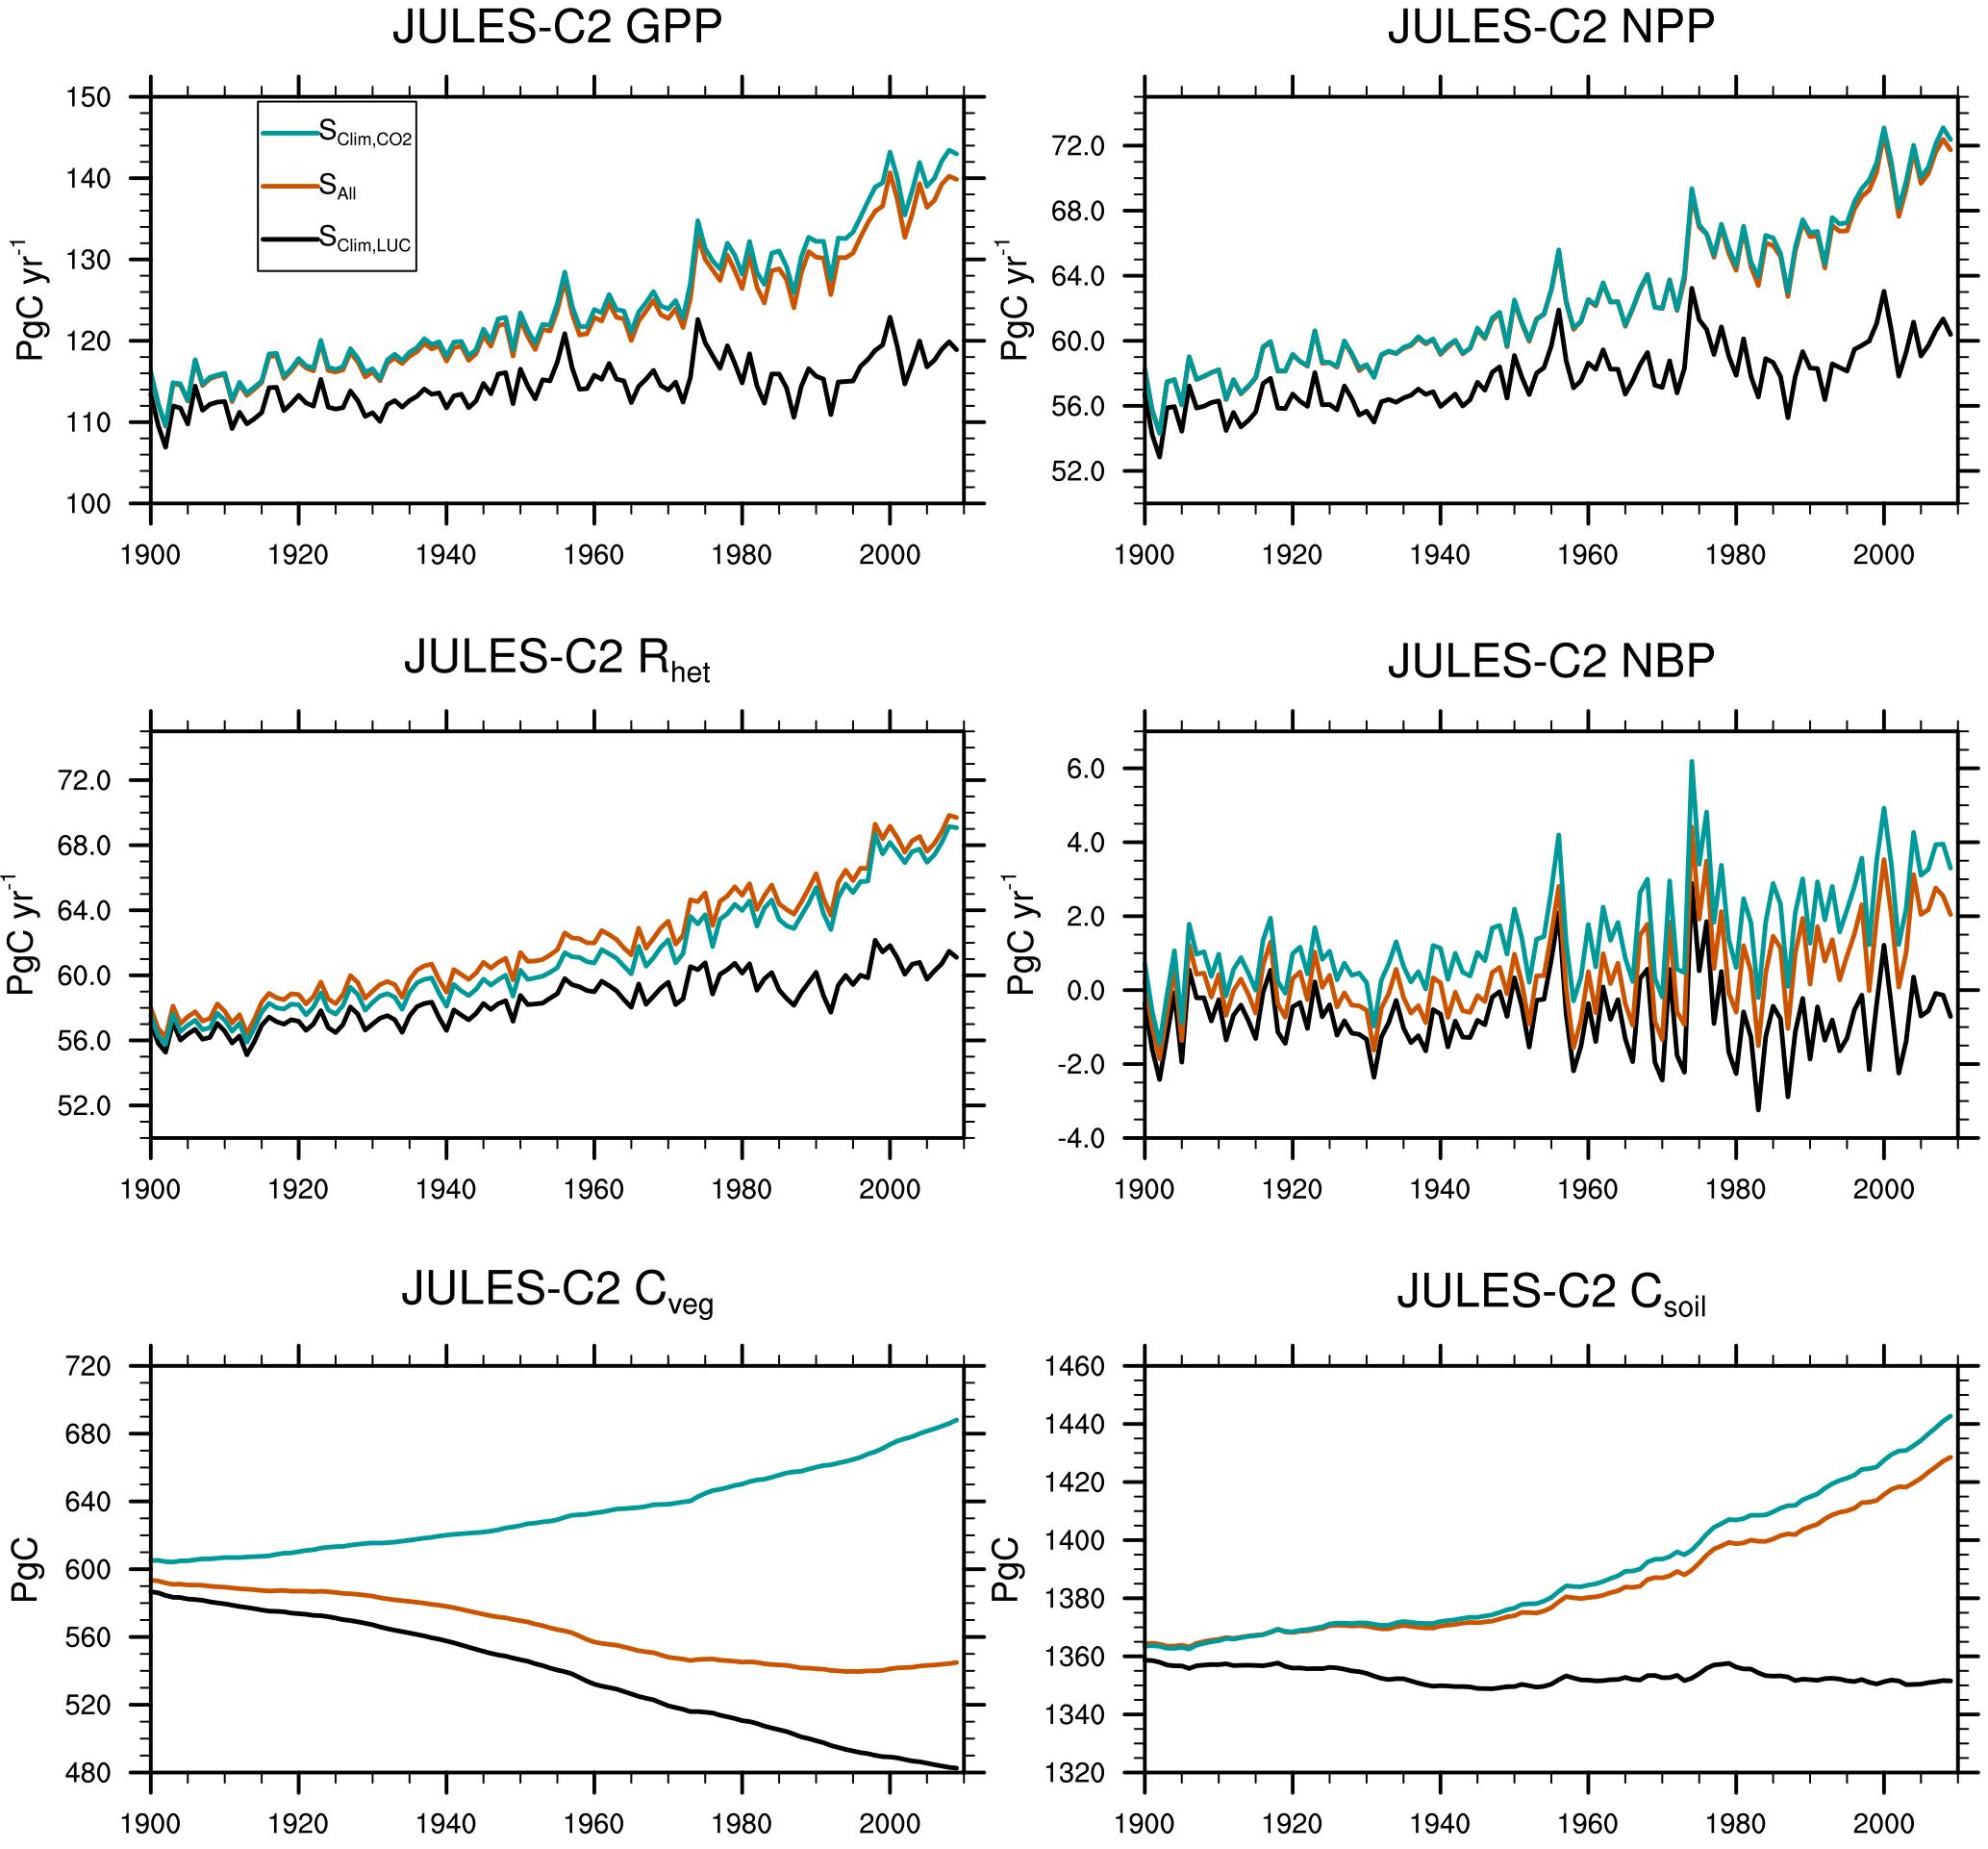 Rádiometrické datovania WikiAnswers